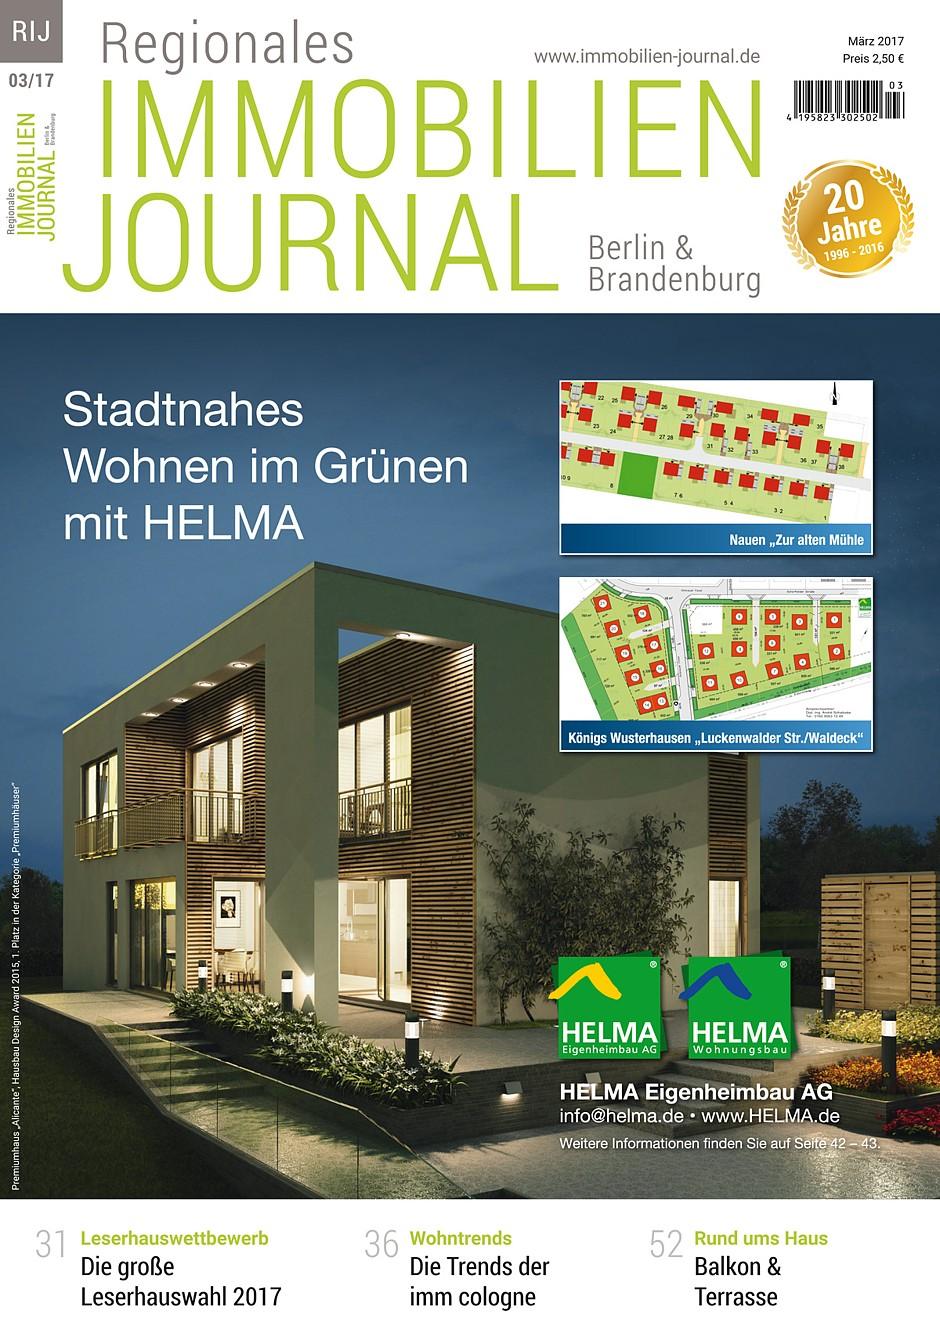 Regionales Immobilien Journal Berlin & Brandenburg März 2017